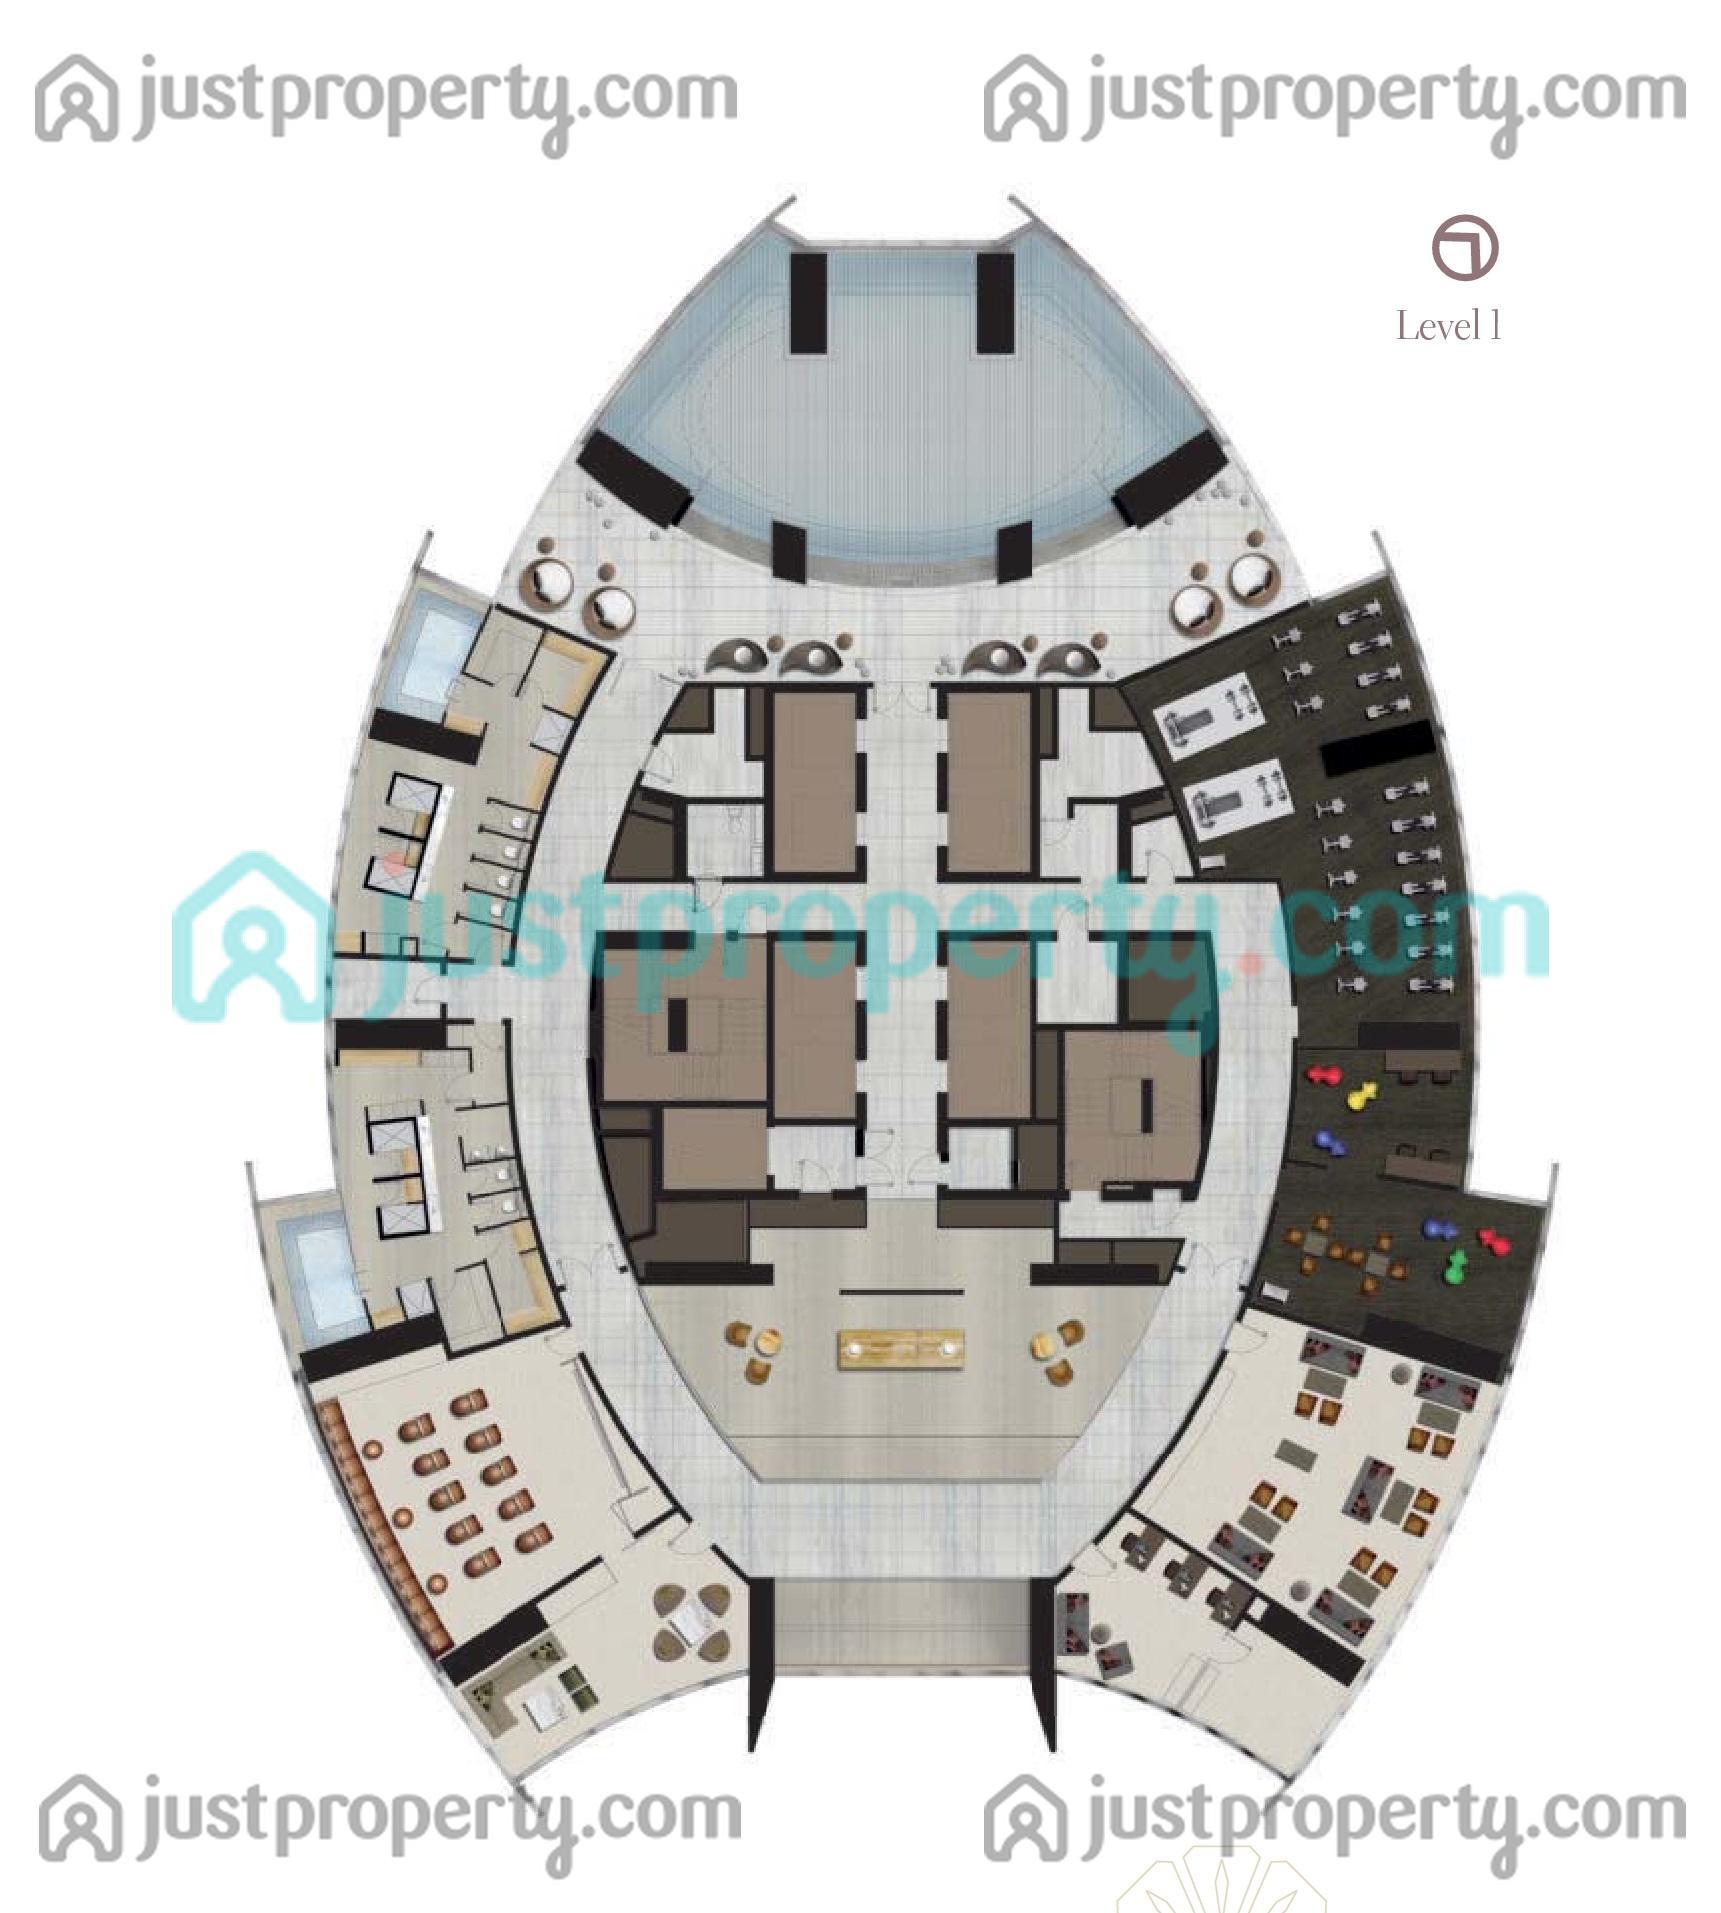 D1 Tower Floor Plans Justproperty Com